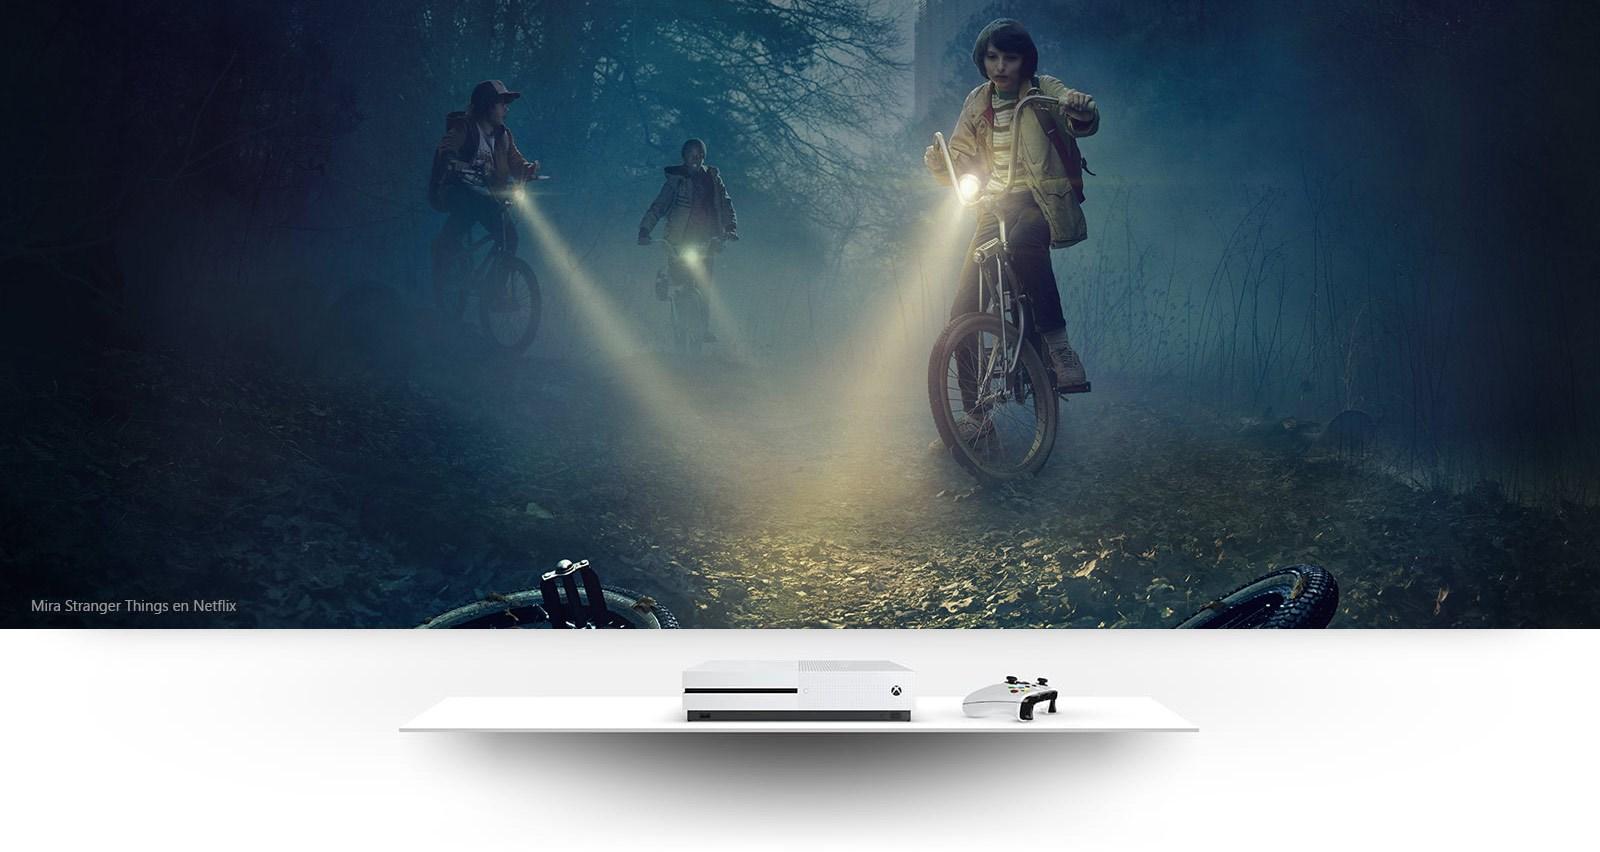 Xbox One S con una imagen de los niños de Stranger Things sobre sus bicicletas